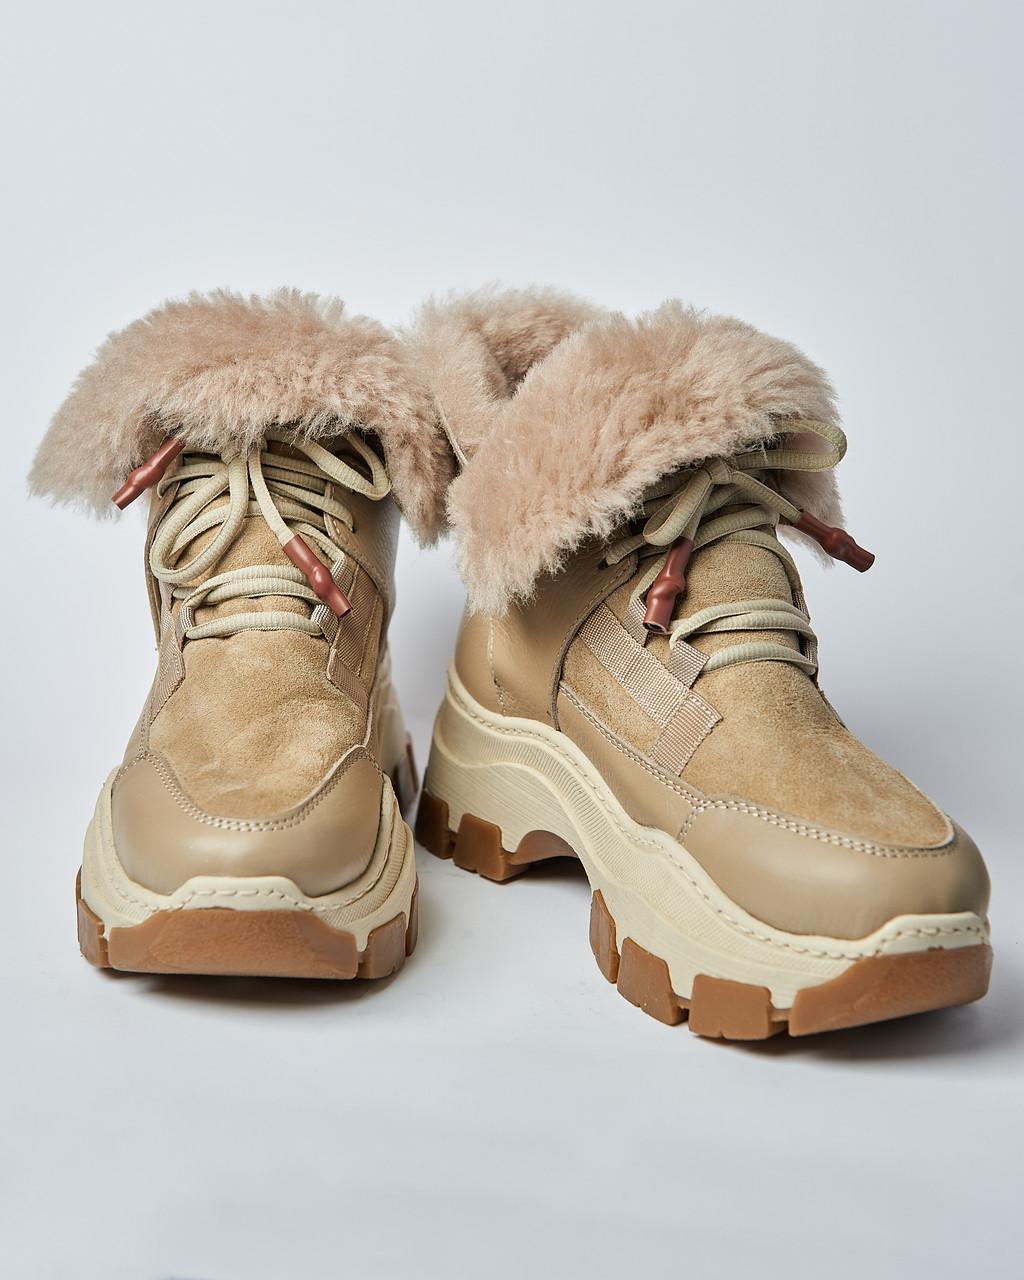 Ботинки кожаные женские бежевые на шнурке и массивной подошве. Турция